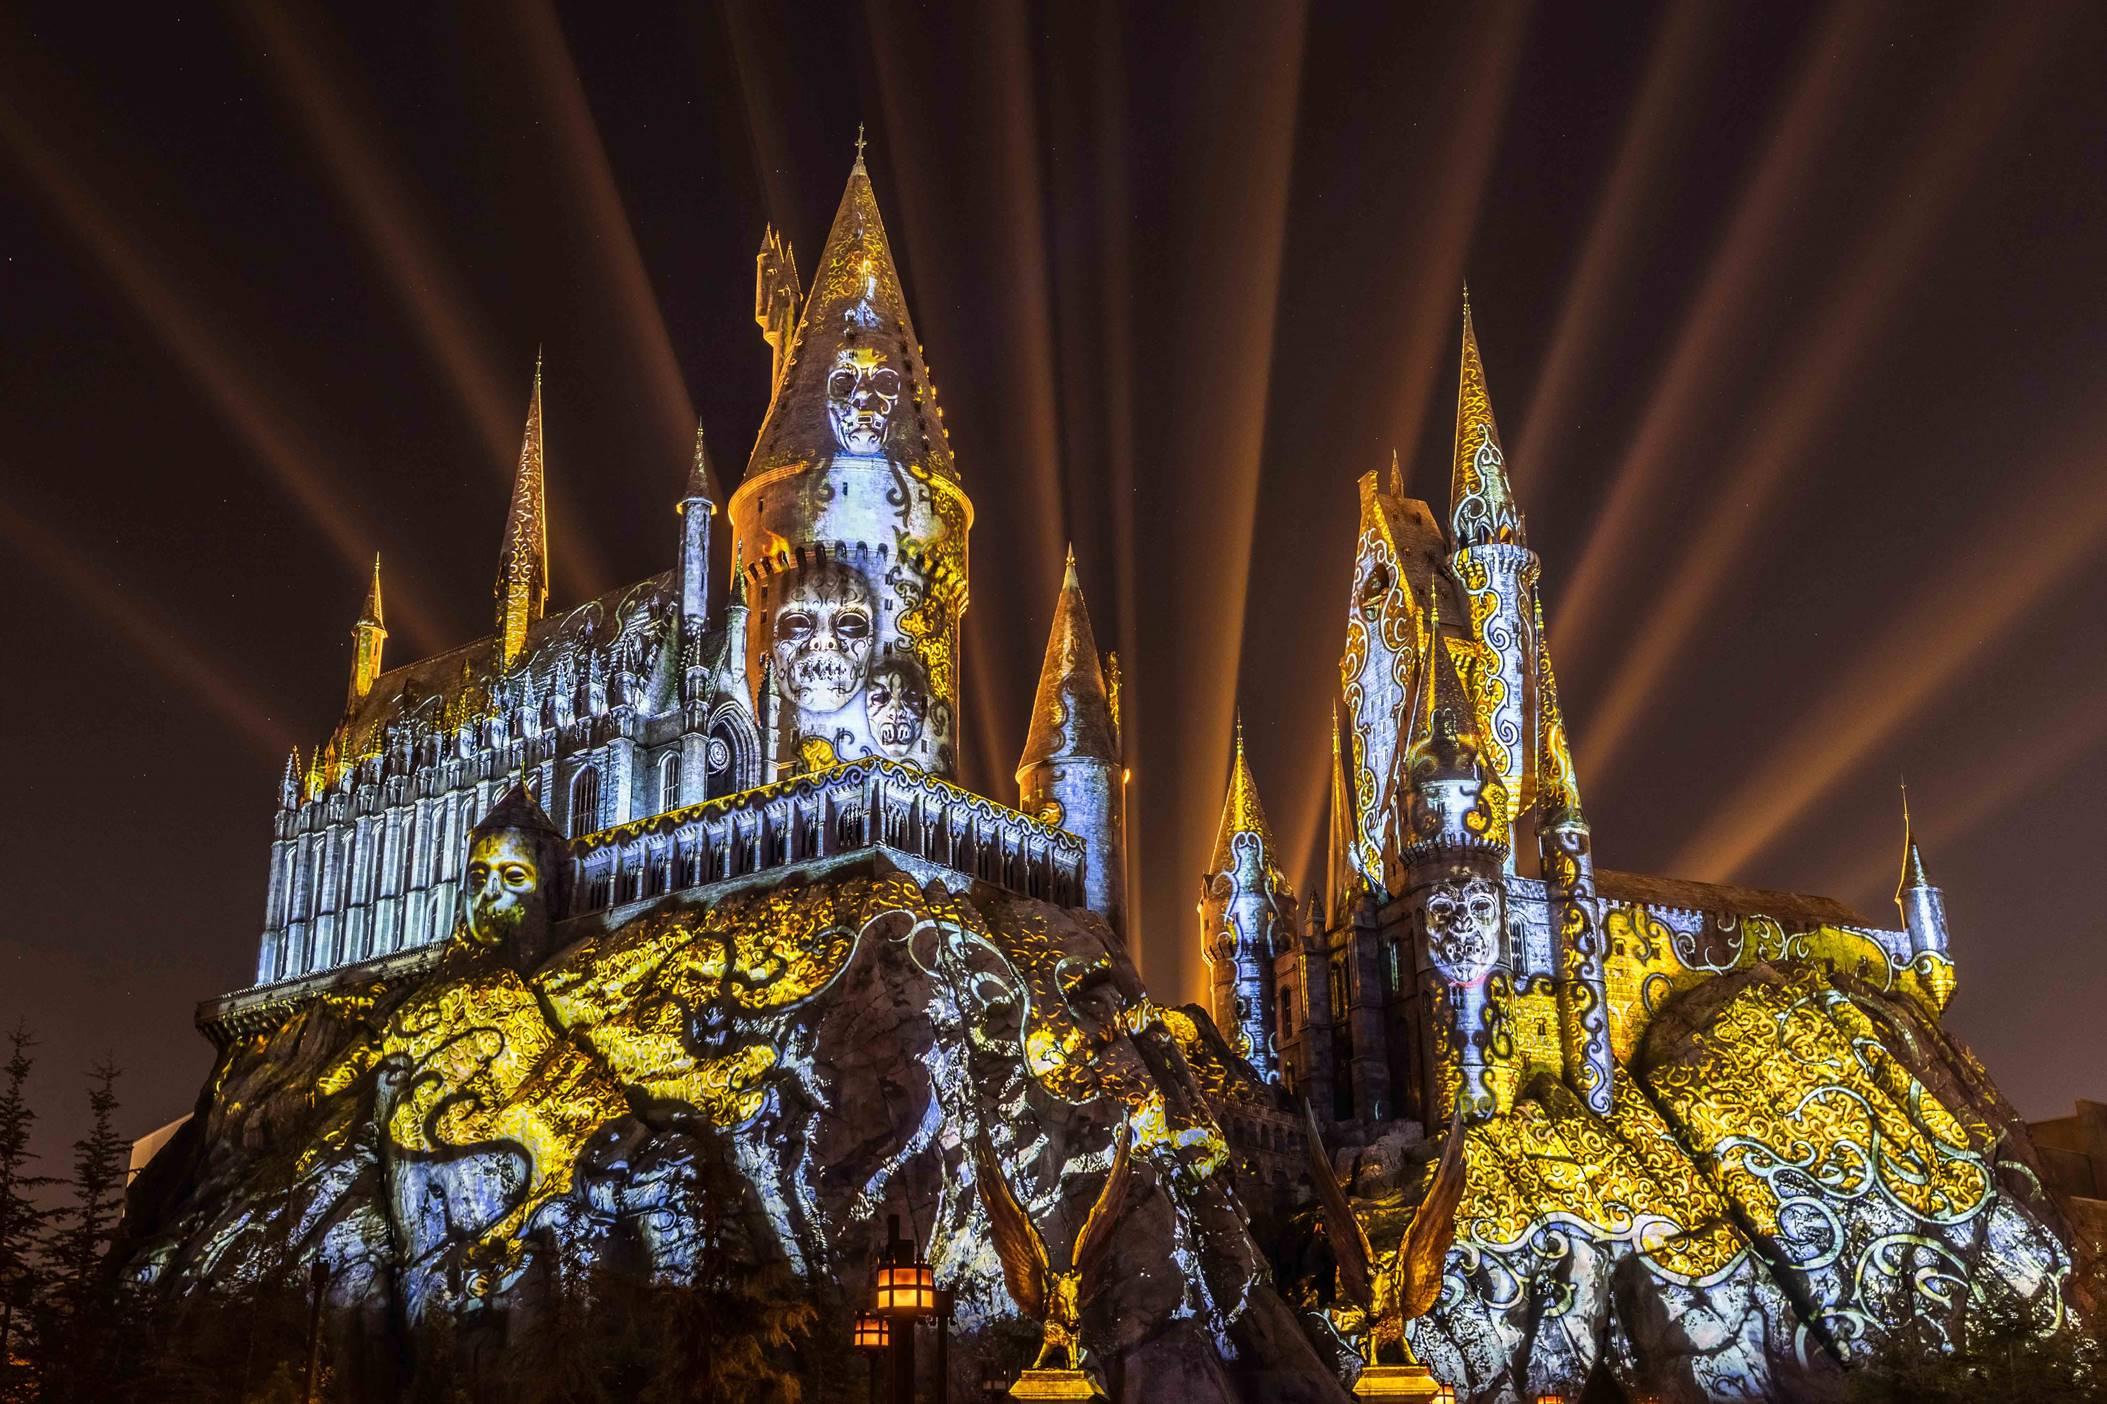 Le nouveau spectacle sons et lumières Harry Potter 'Magie Noire' arrive à Orlando !